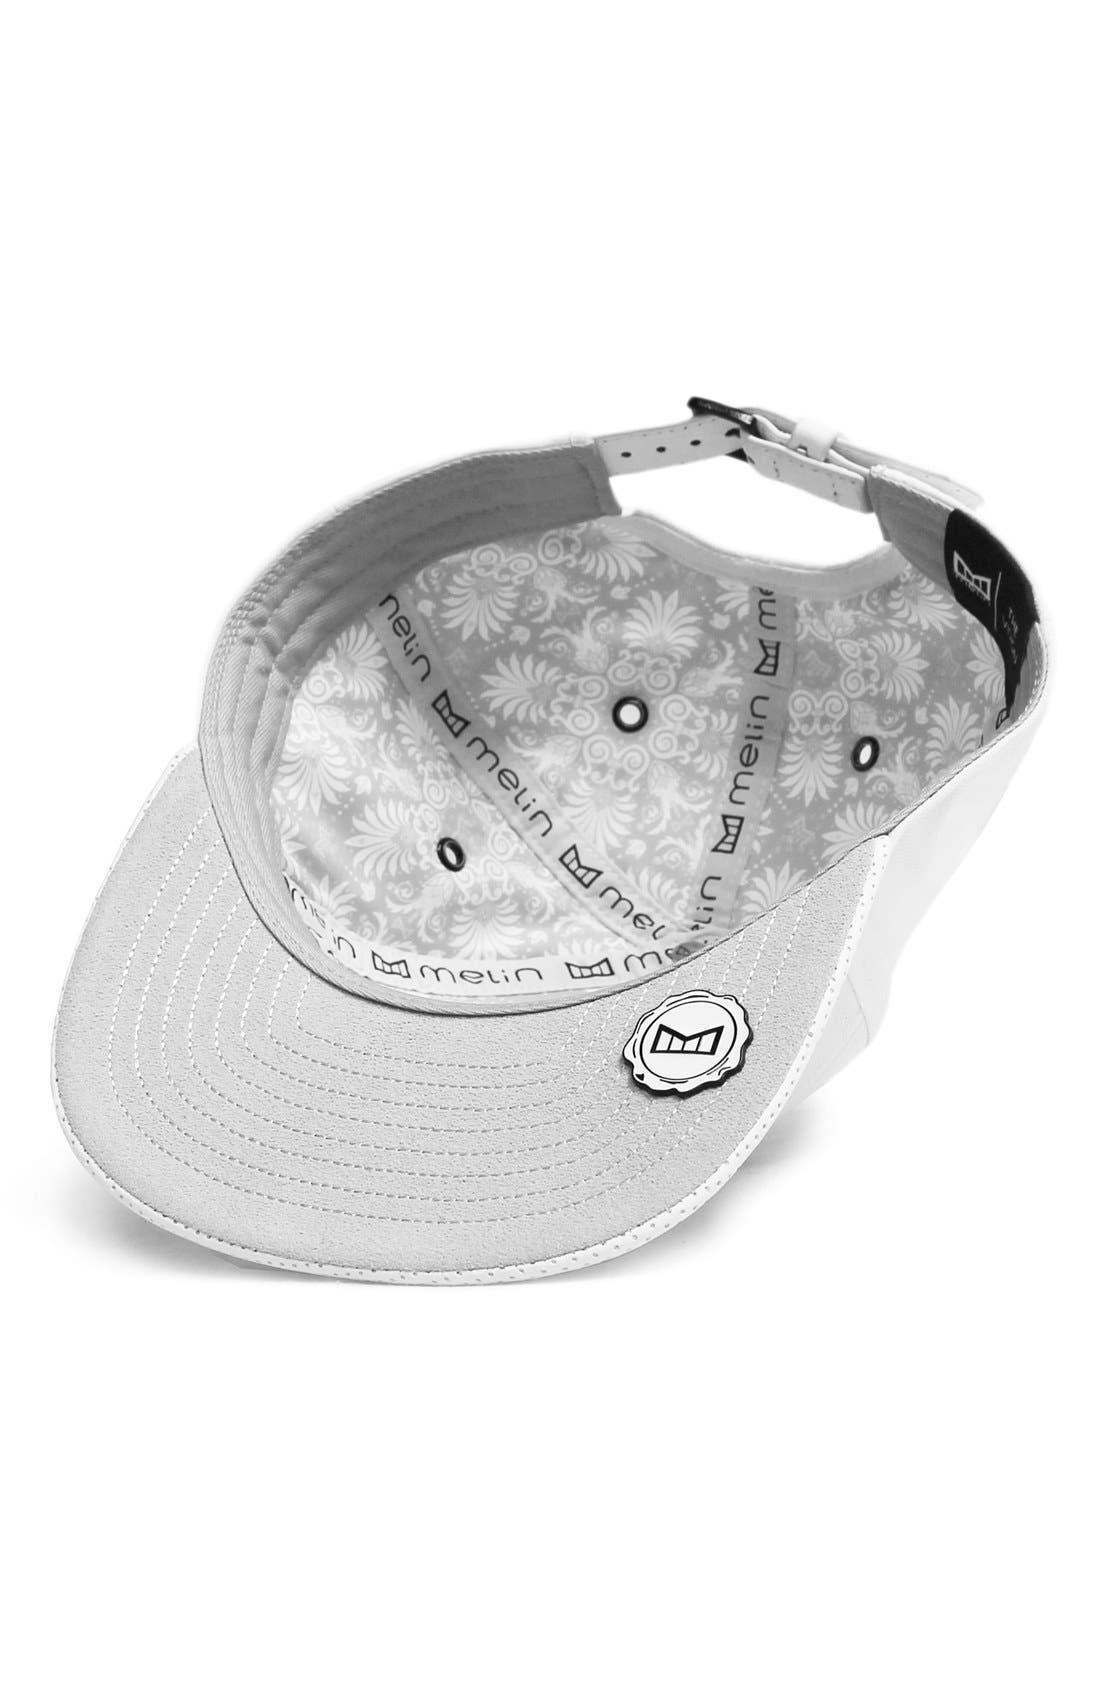 'The Vision' Horizon Fit Flat Brim Baseball Cap,                             Alternate thumbnail 4, color,                             White